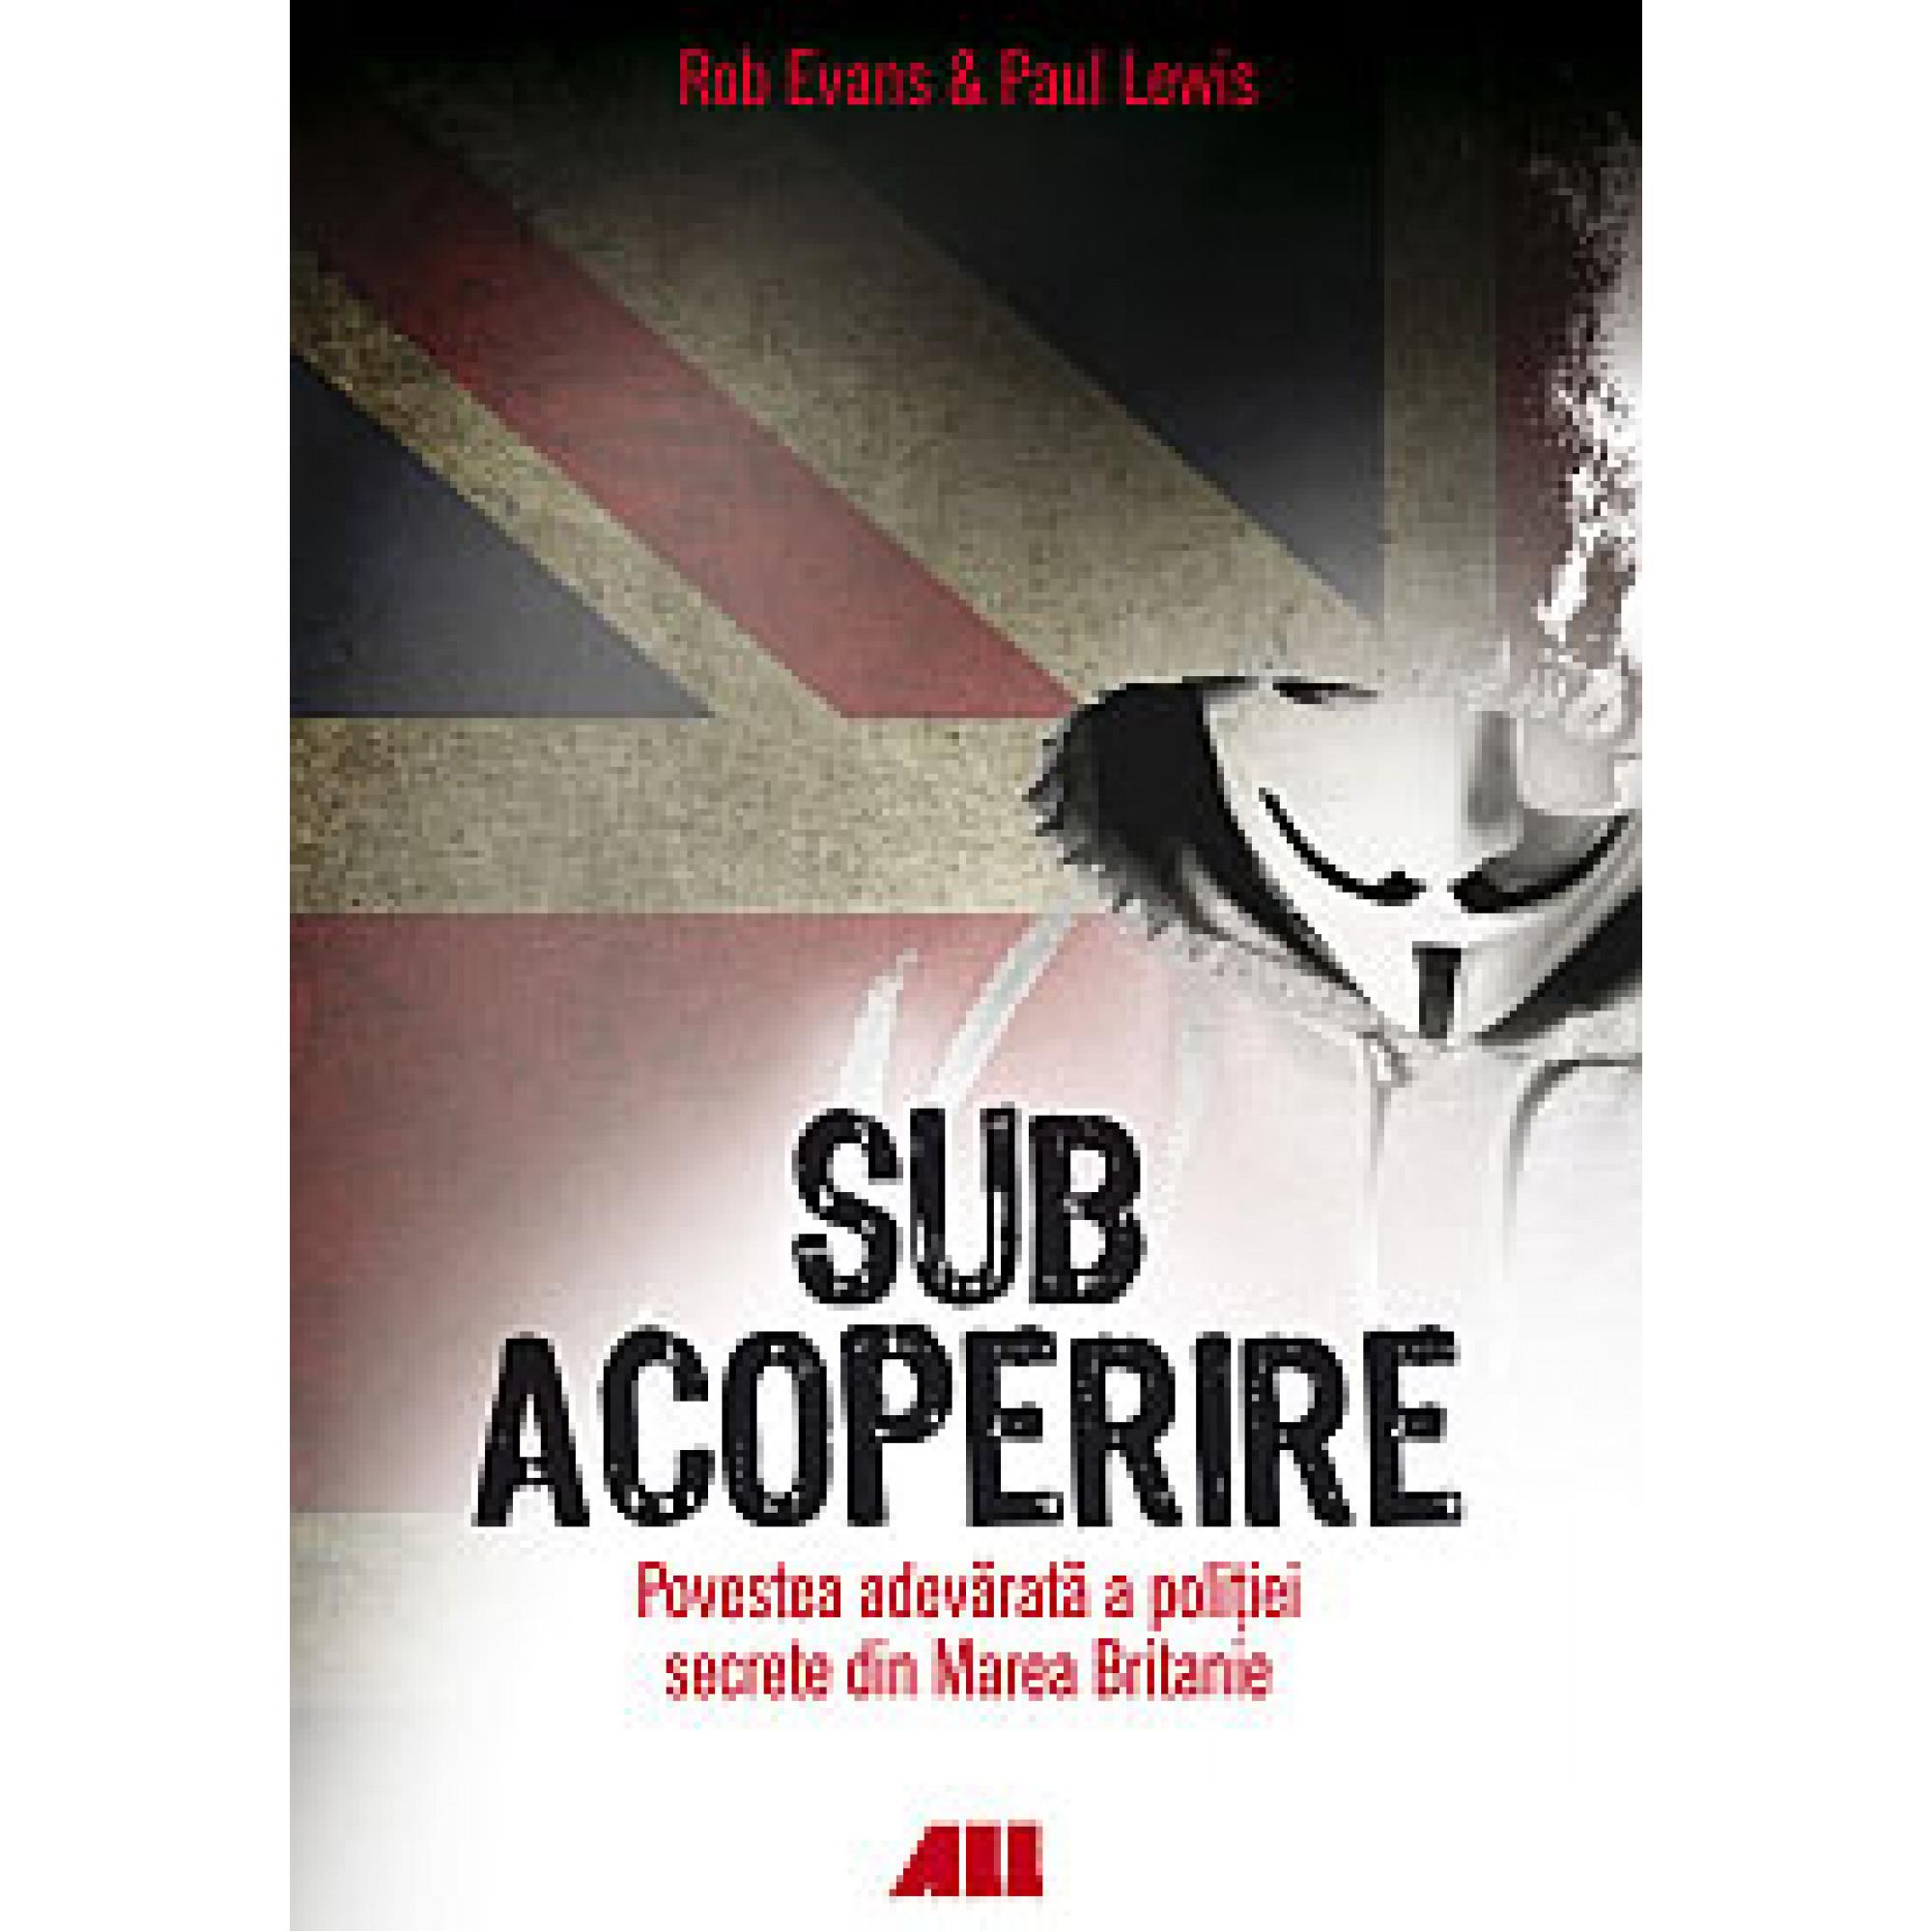 Sub acoperire; Rob Evans, Paul Lewis